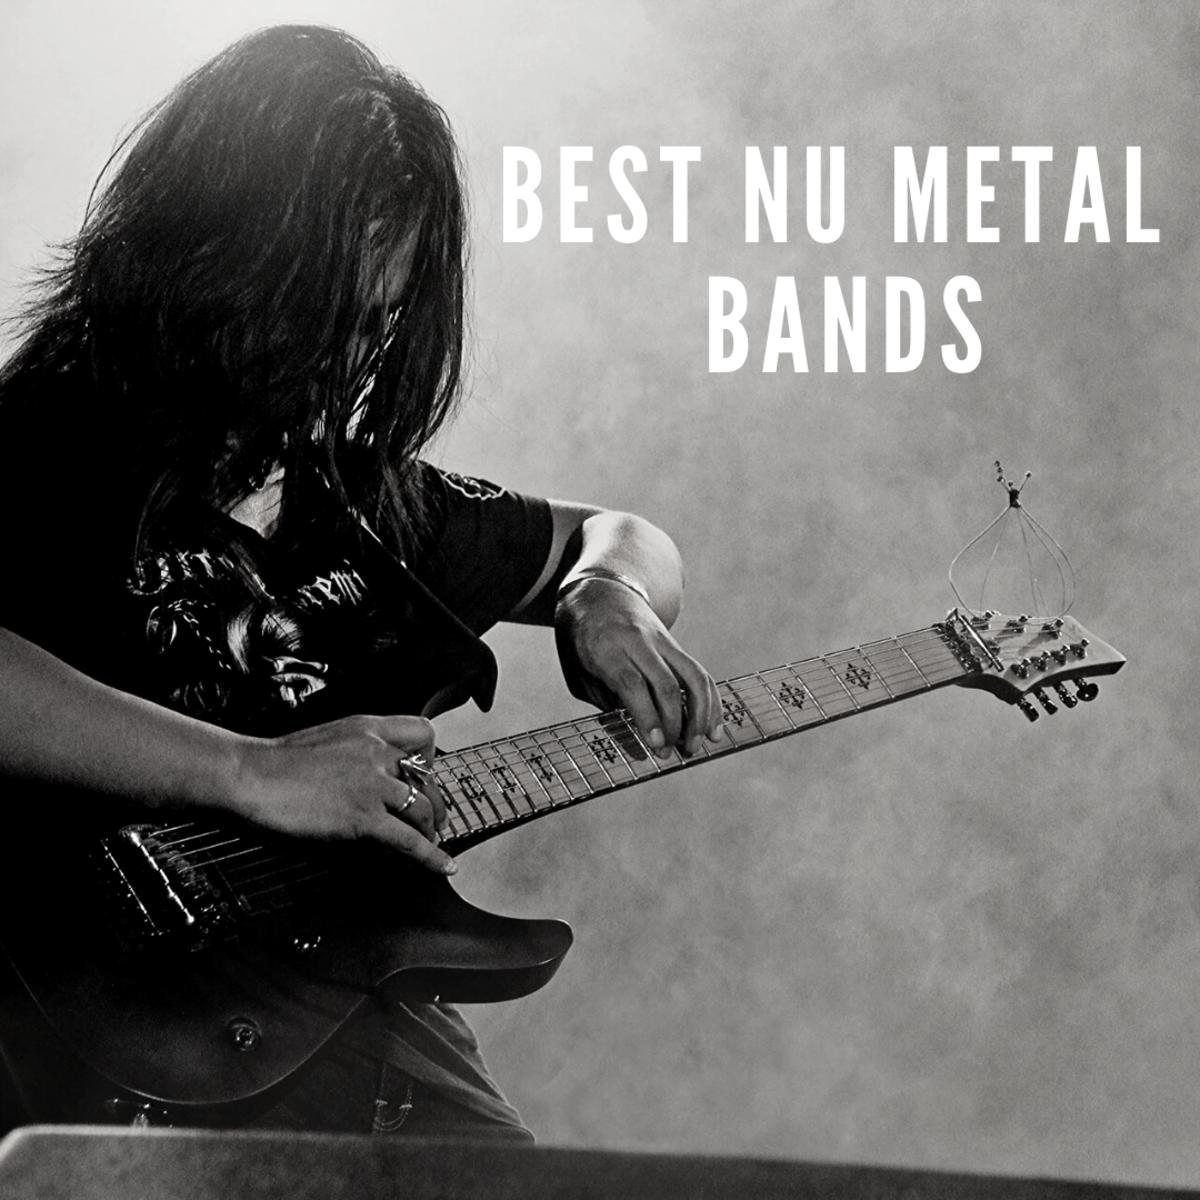 100 Best Nu Metal Bands